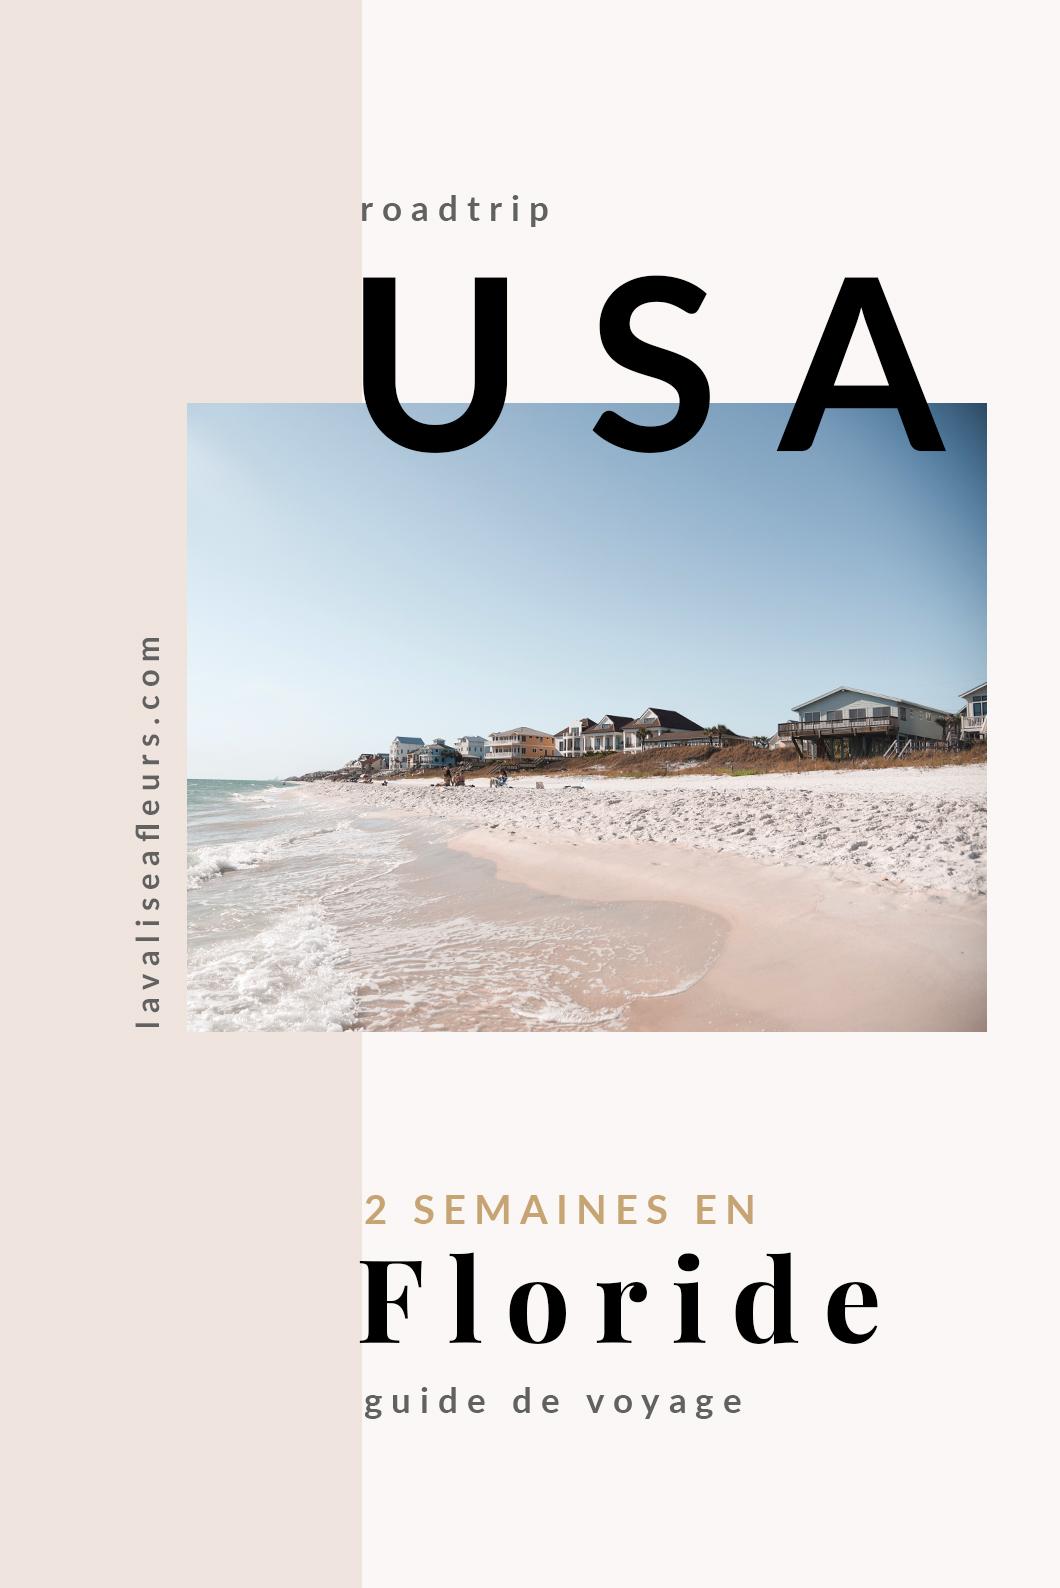 Visiter la Floride - Road trip aux USA